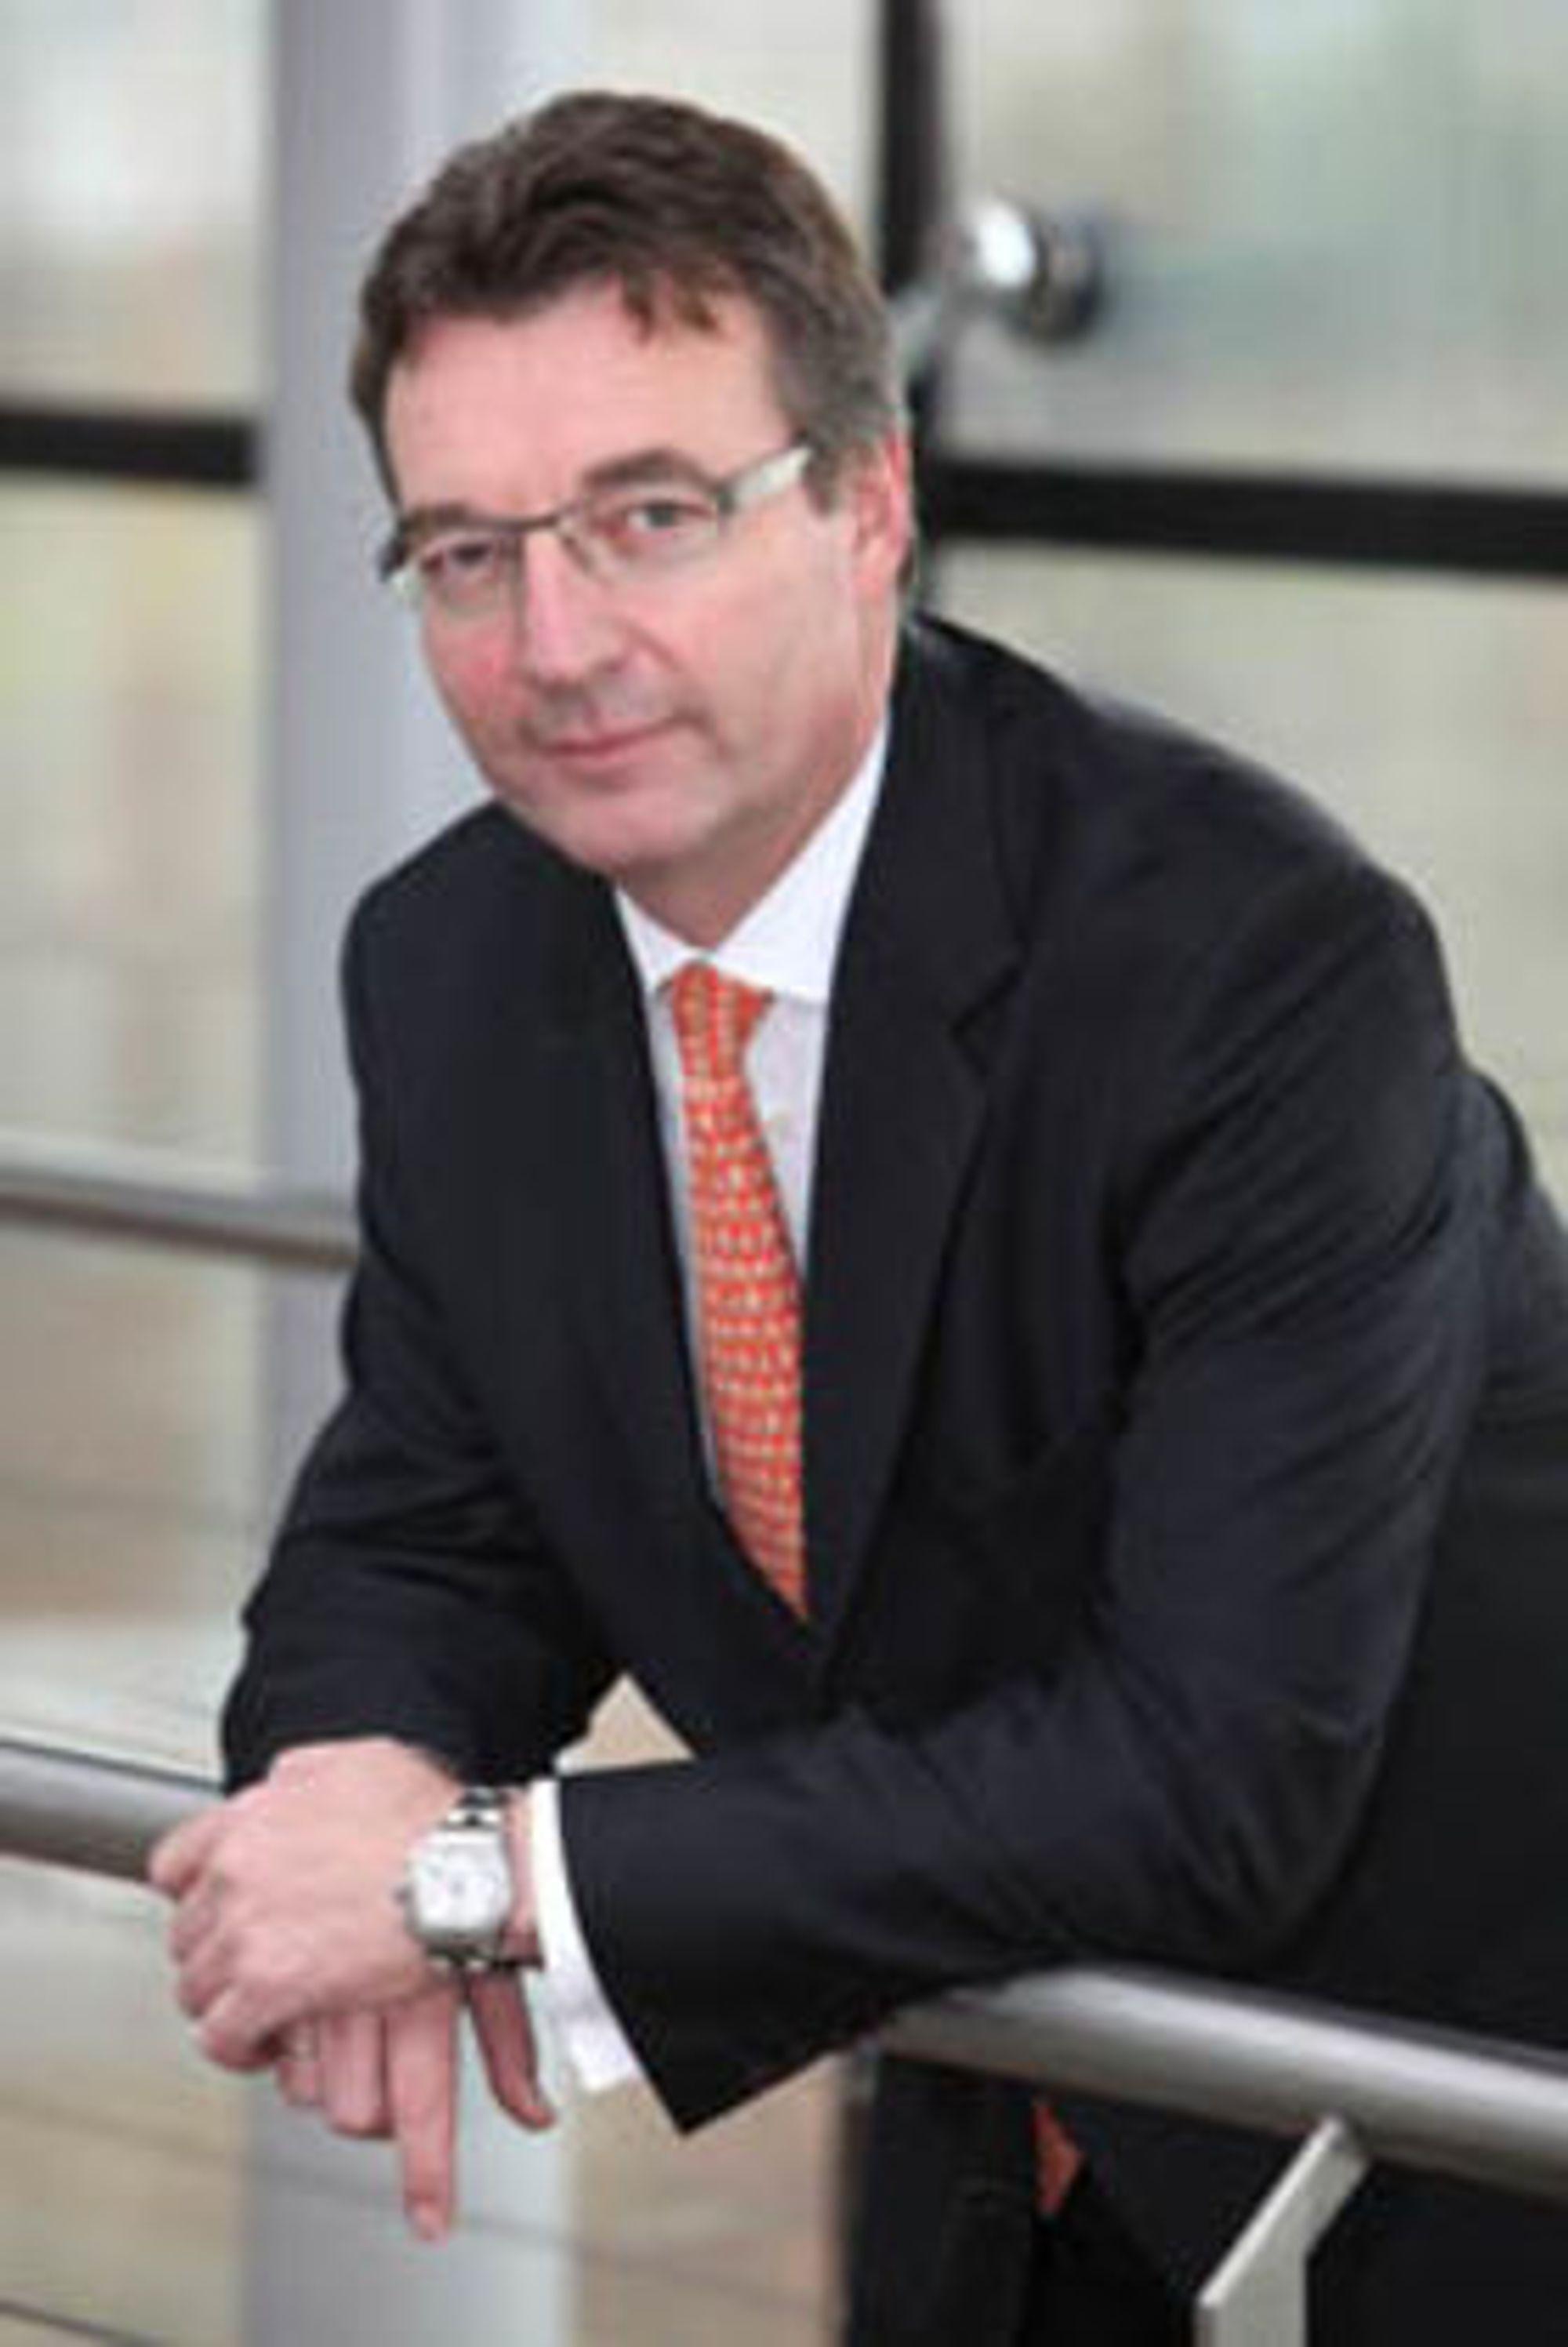 Didier Lamouche, toppsjef i ST Ericsson, presenterte i går svært dårlige nyheter til de ansatte i selskapet.